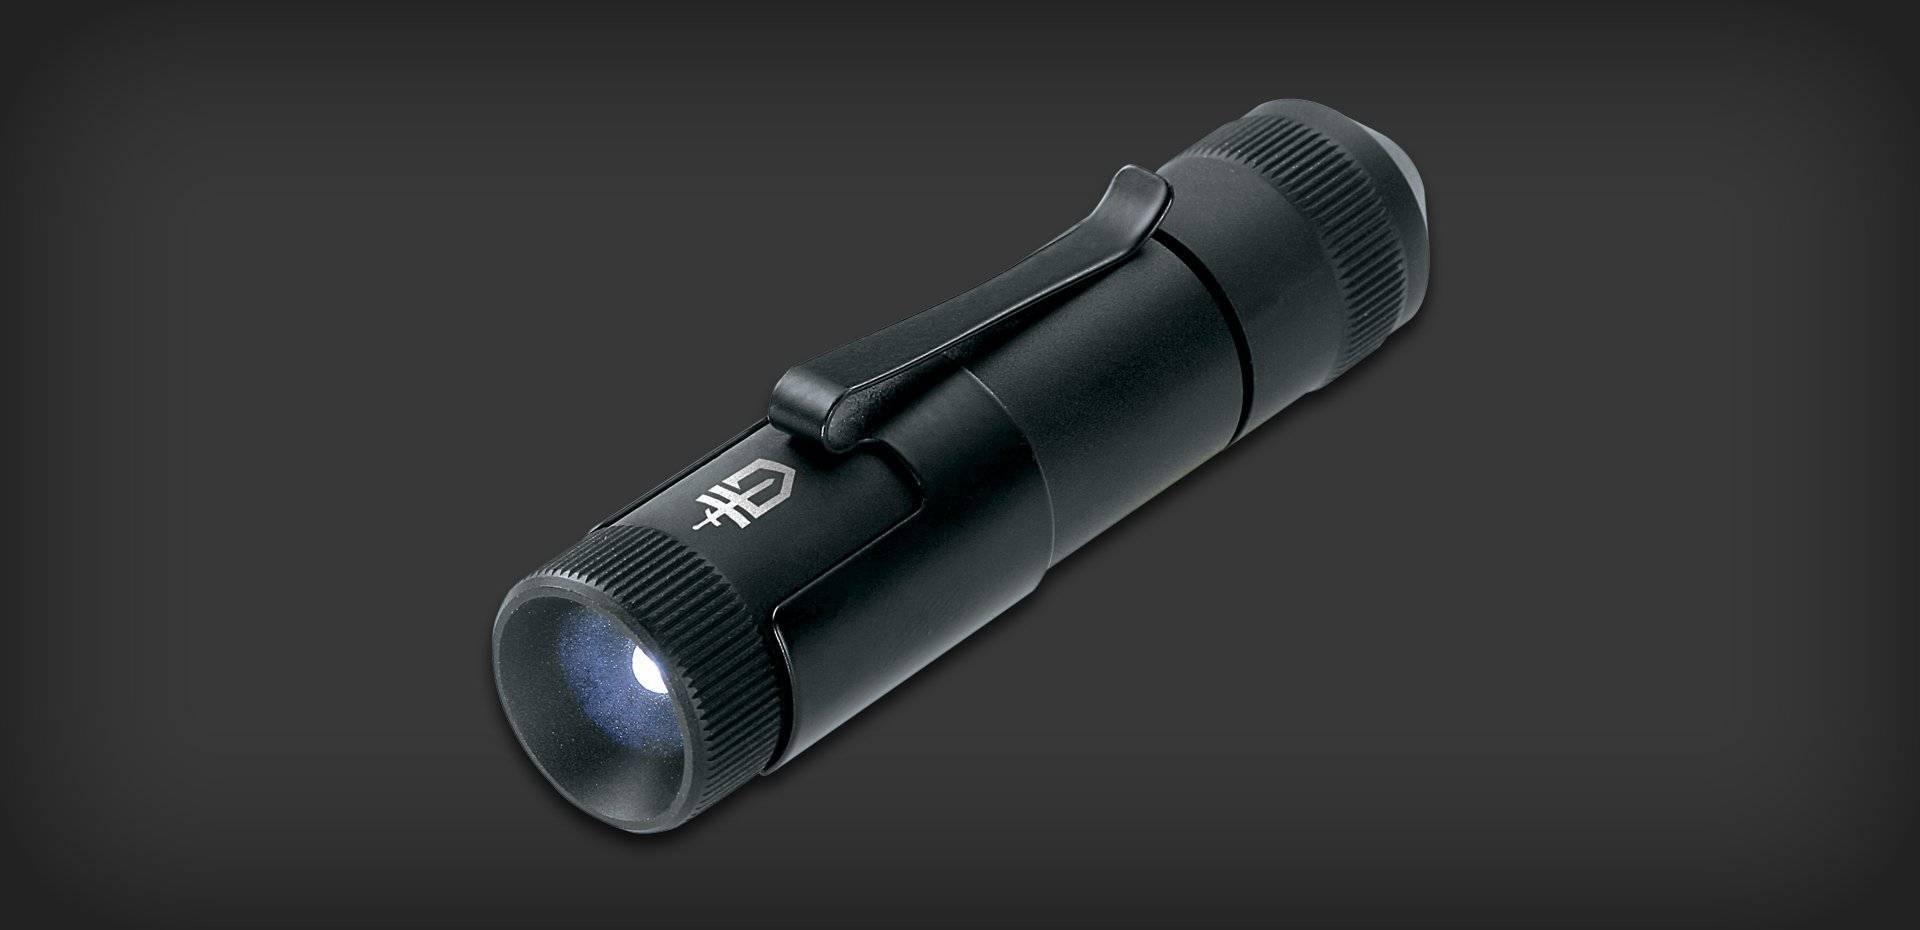 Тактический фонарь Gerber INFINITY ULTRA TASK LIGHT LED 22-80012